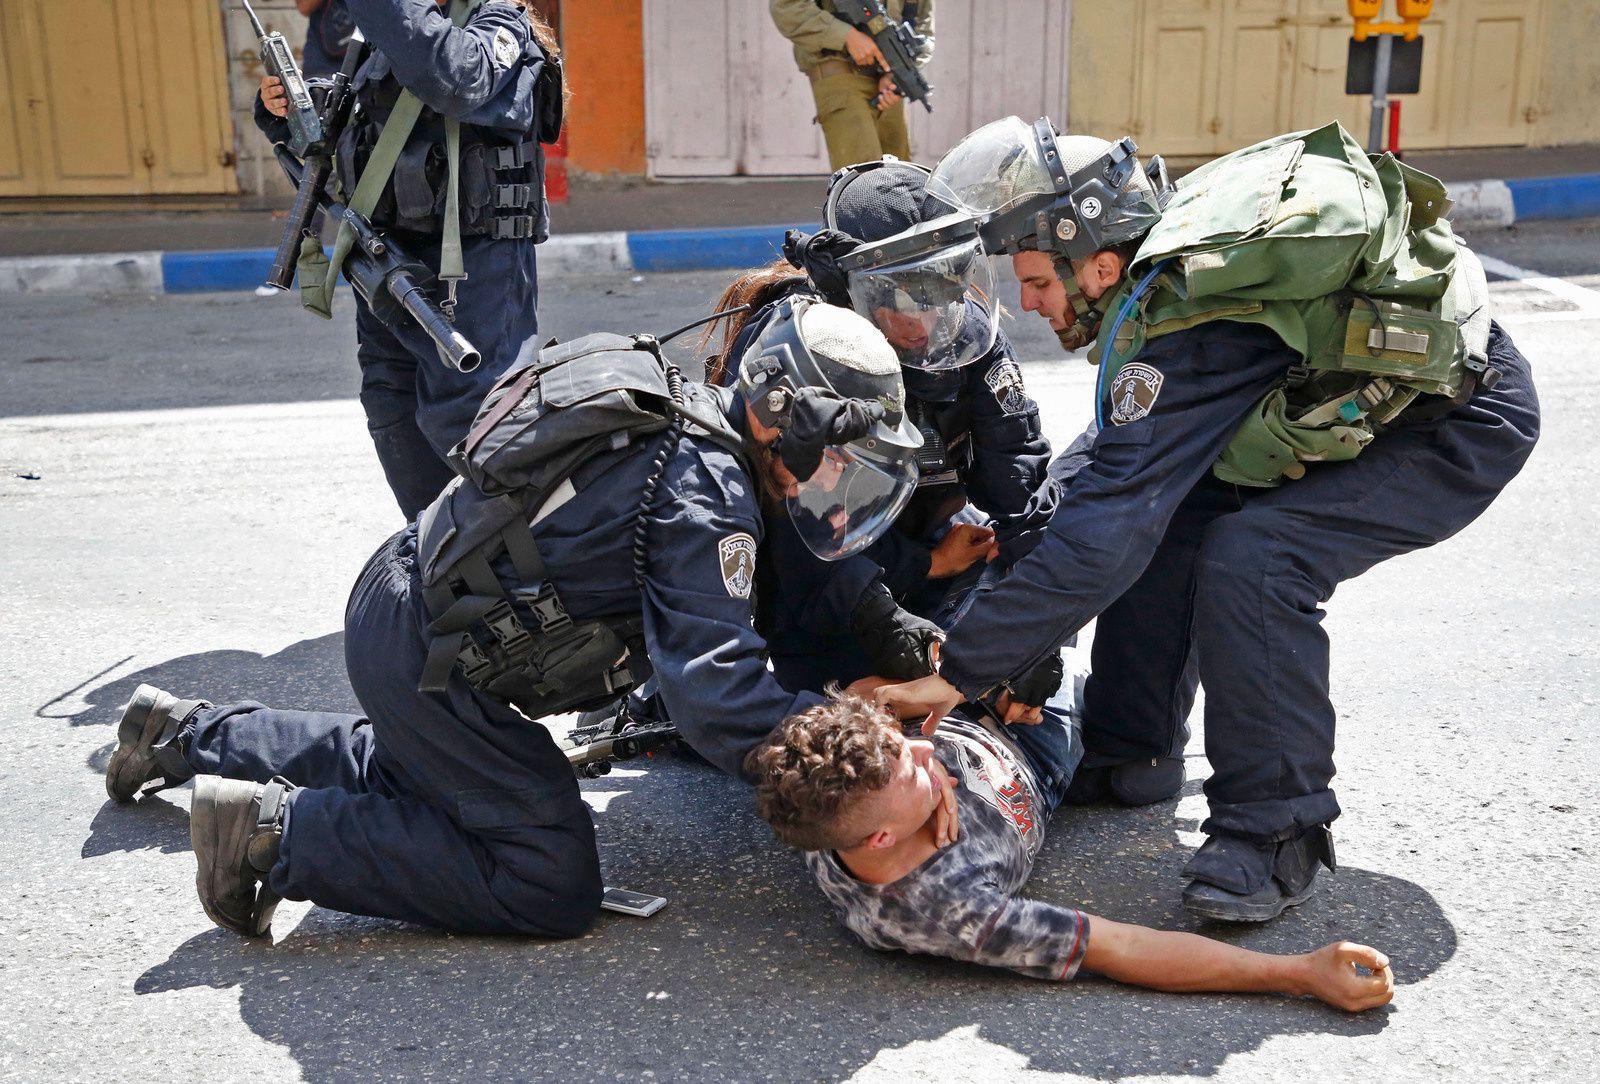 Les forces israéliennes arrêtent un jeune Palestinien lors d'affrontements entre manifestants et forces de sécurité dans la ville d'Hébron en Cisjordanie occupée par Israël, le 28 juillet 2017.Photo: Hazem Bader/AFP/Getty Images